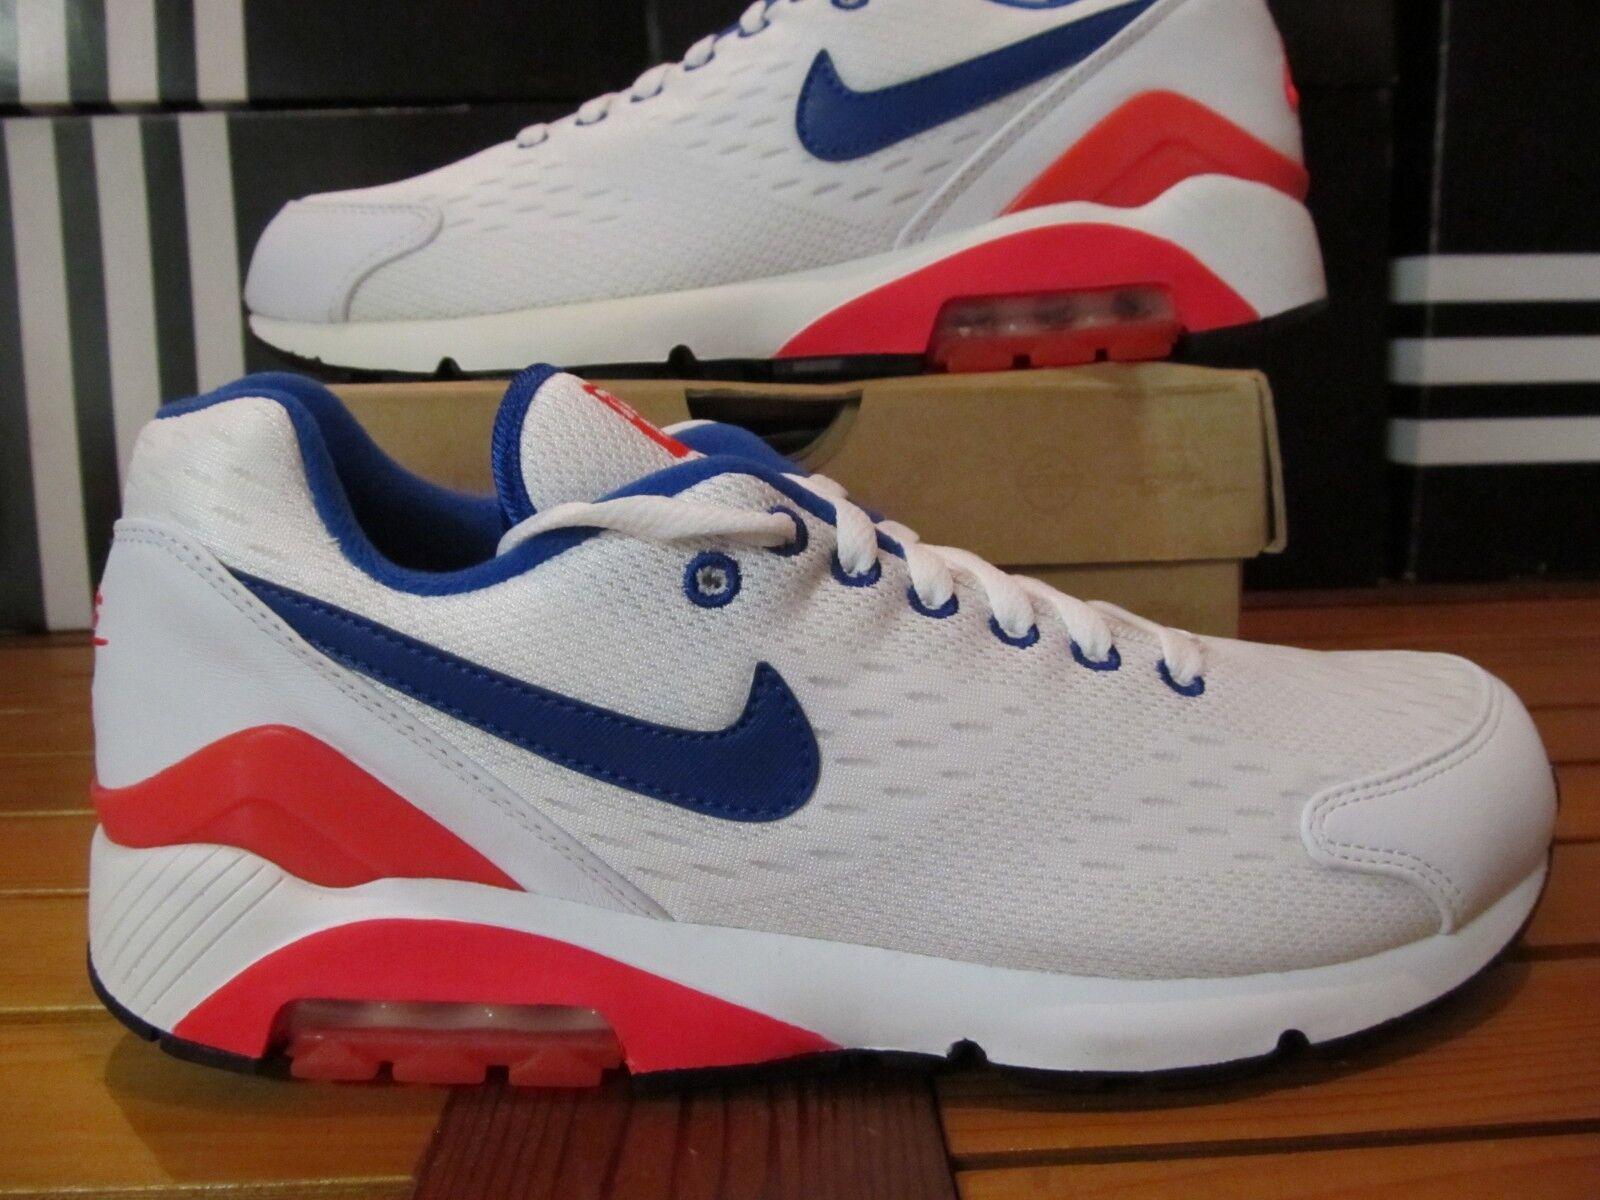 NEW Nike Air Max 180 EM White Solar 160 Red Ultramarine 10 579921 160 Solar og 1 90 95 97 2741dd